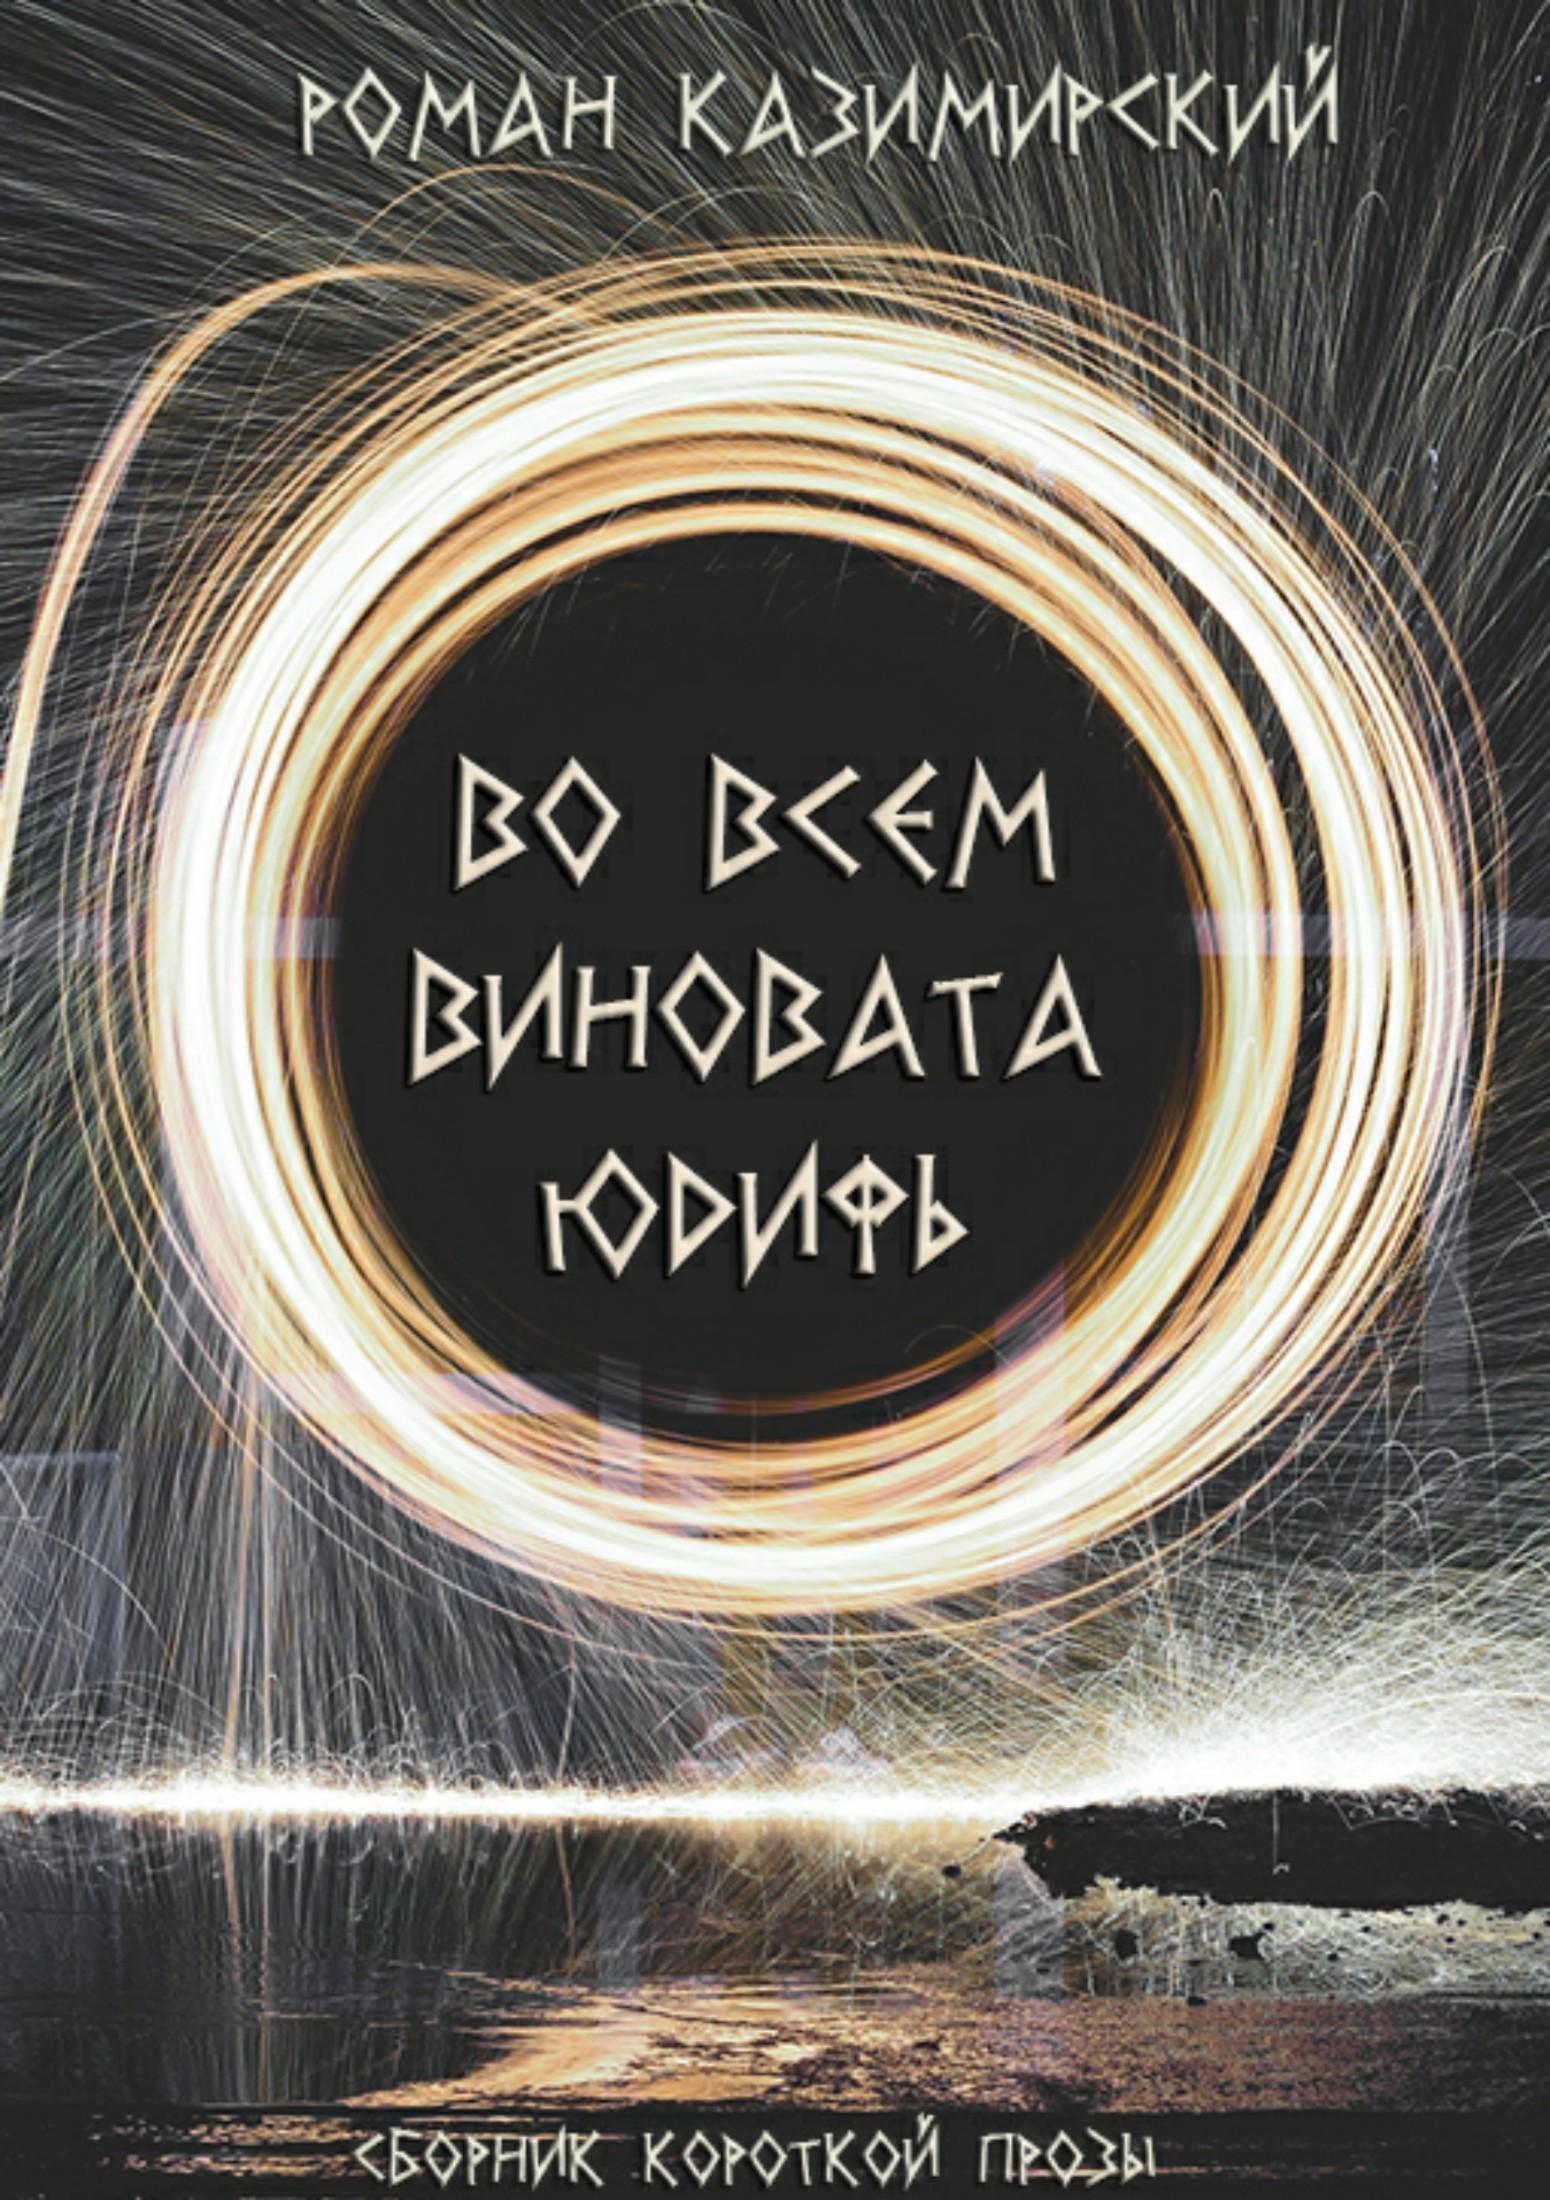 Роман Казимирский Во всем виновата Юдифь локхарт э виновата ложь роман